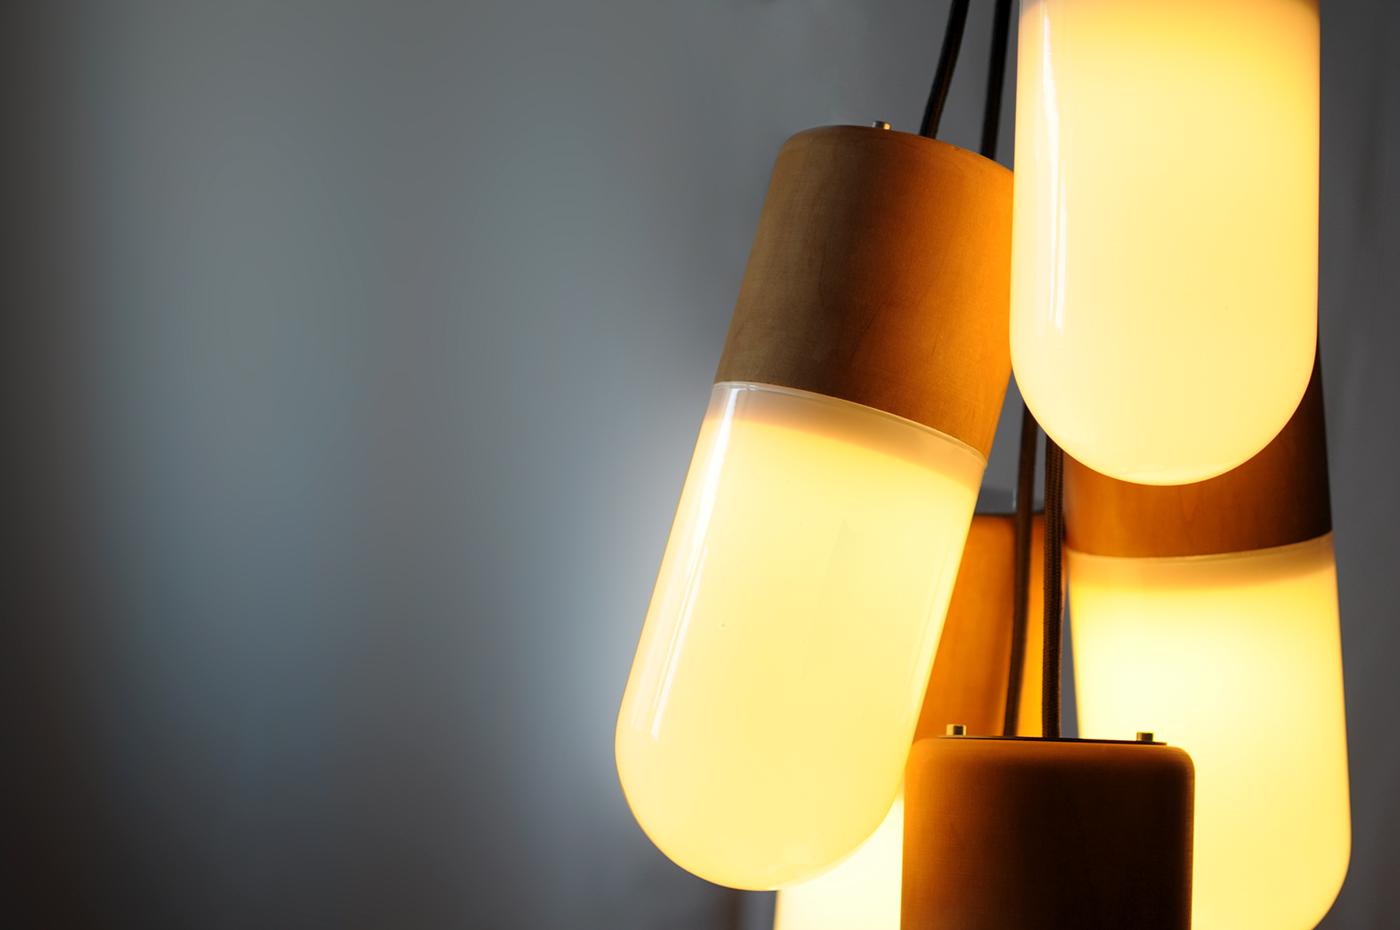 pigulka-lamp-hisheji (10)